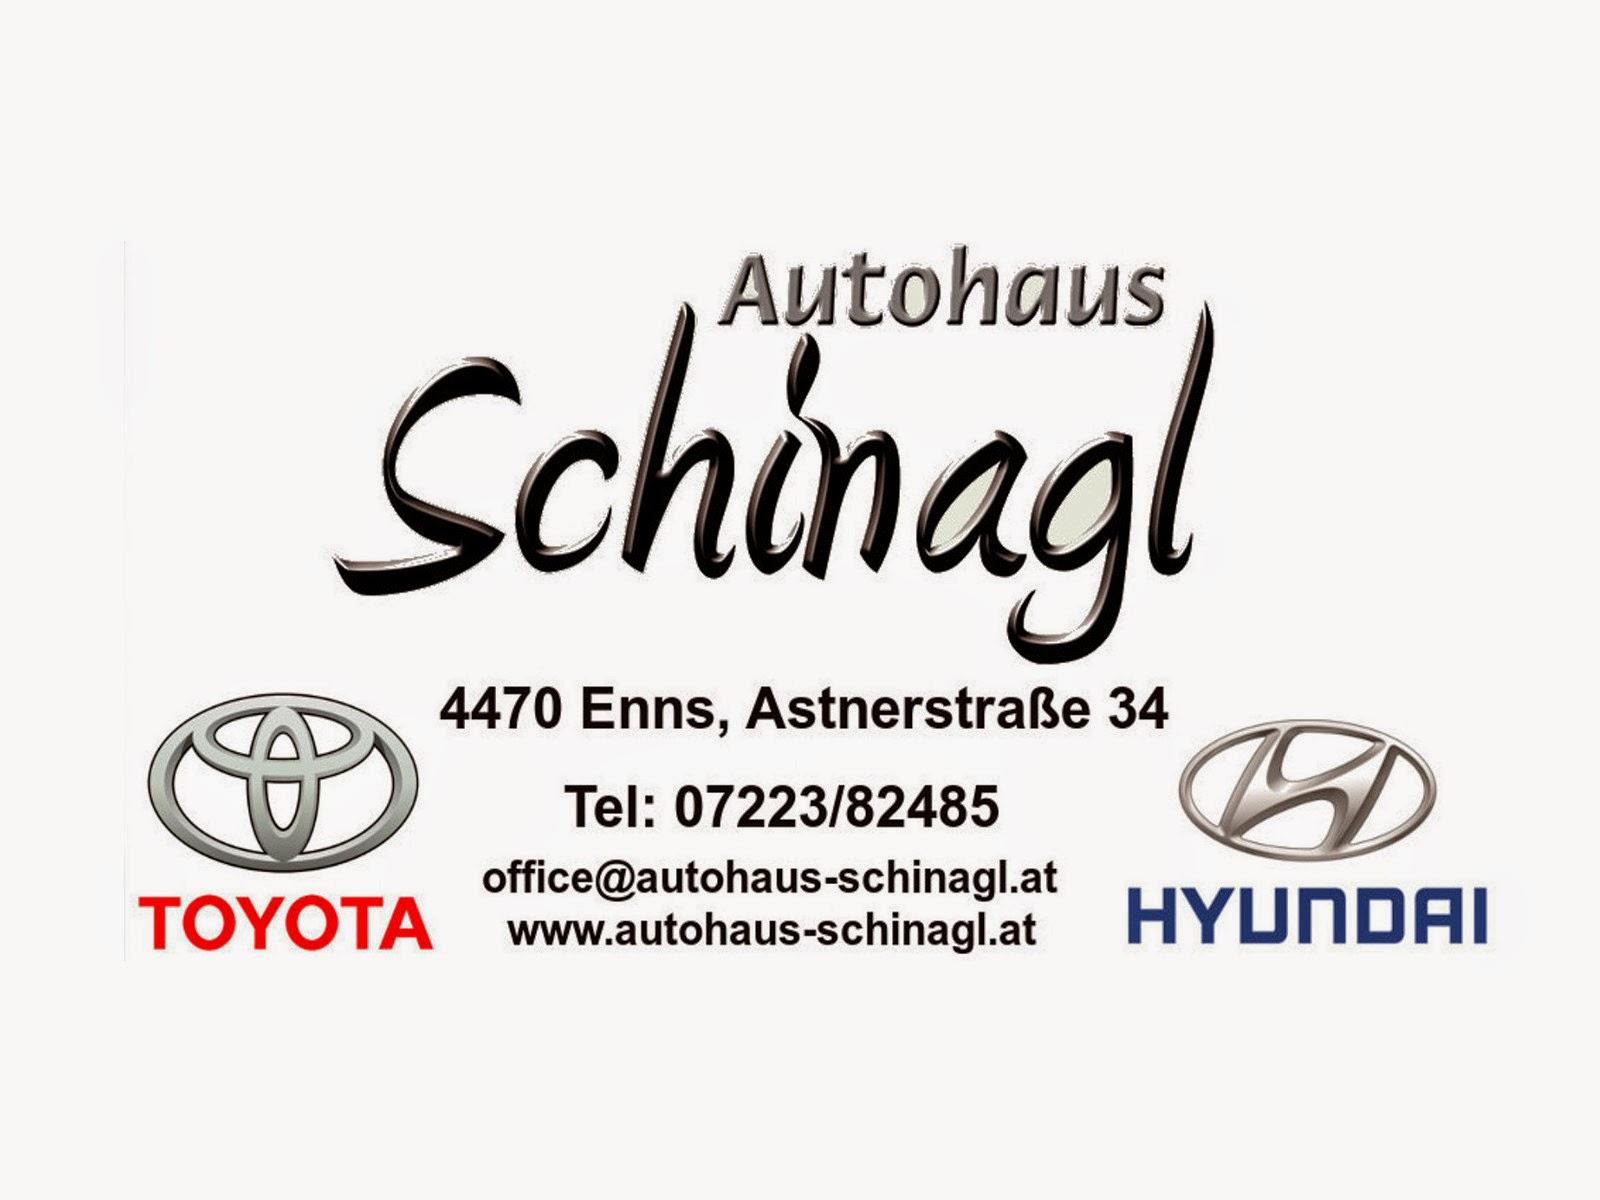 Auto-Sponsor: